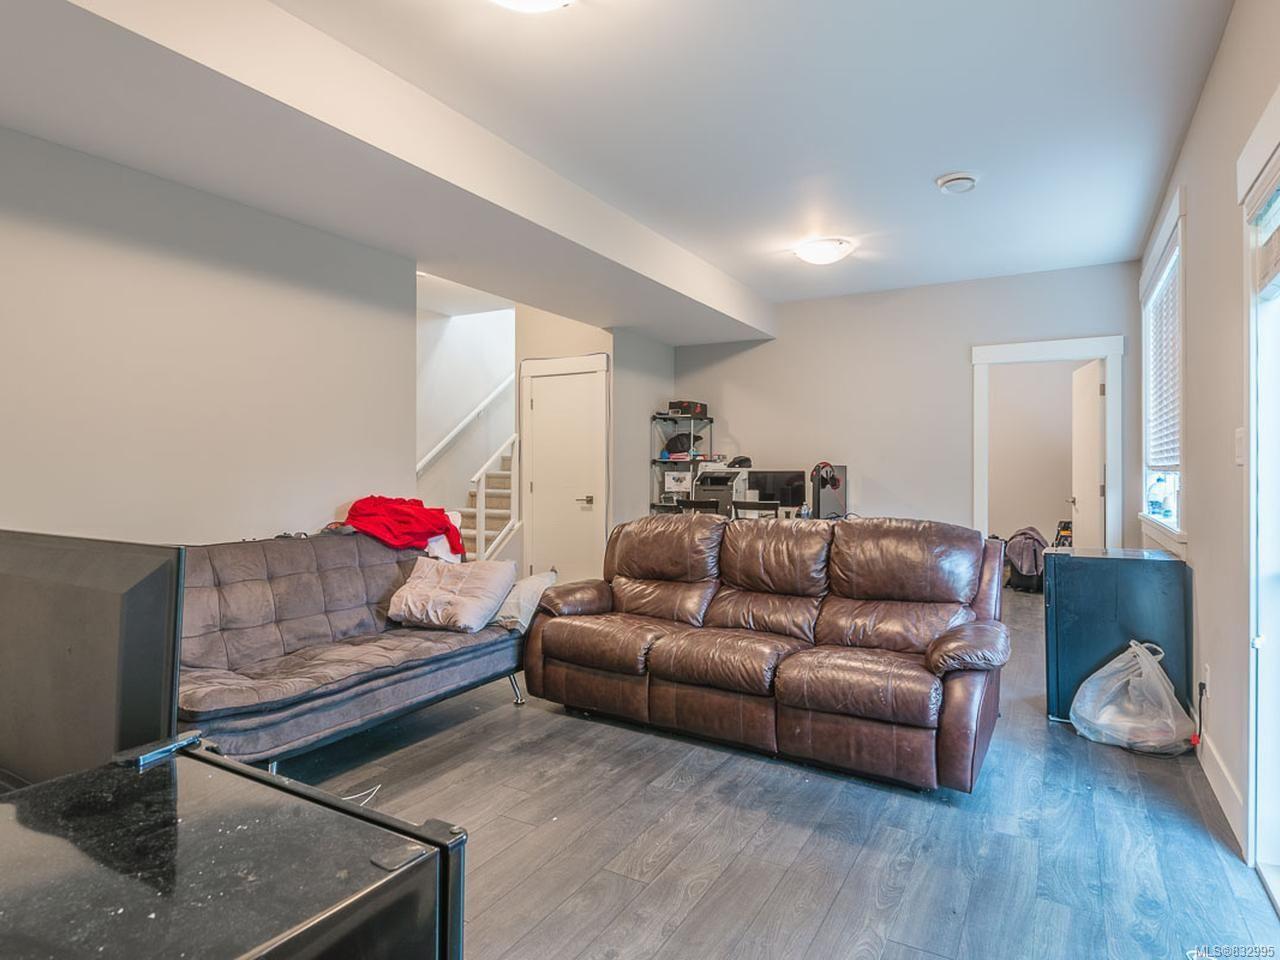 Photo 24: Photos: 5896 Linyard Rd in NANAIMO: Na North Nanaimo House for sale (Nanaimo)  : MLS®# 832995